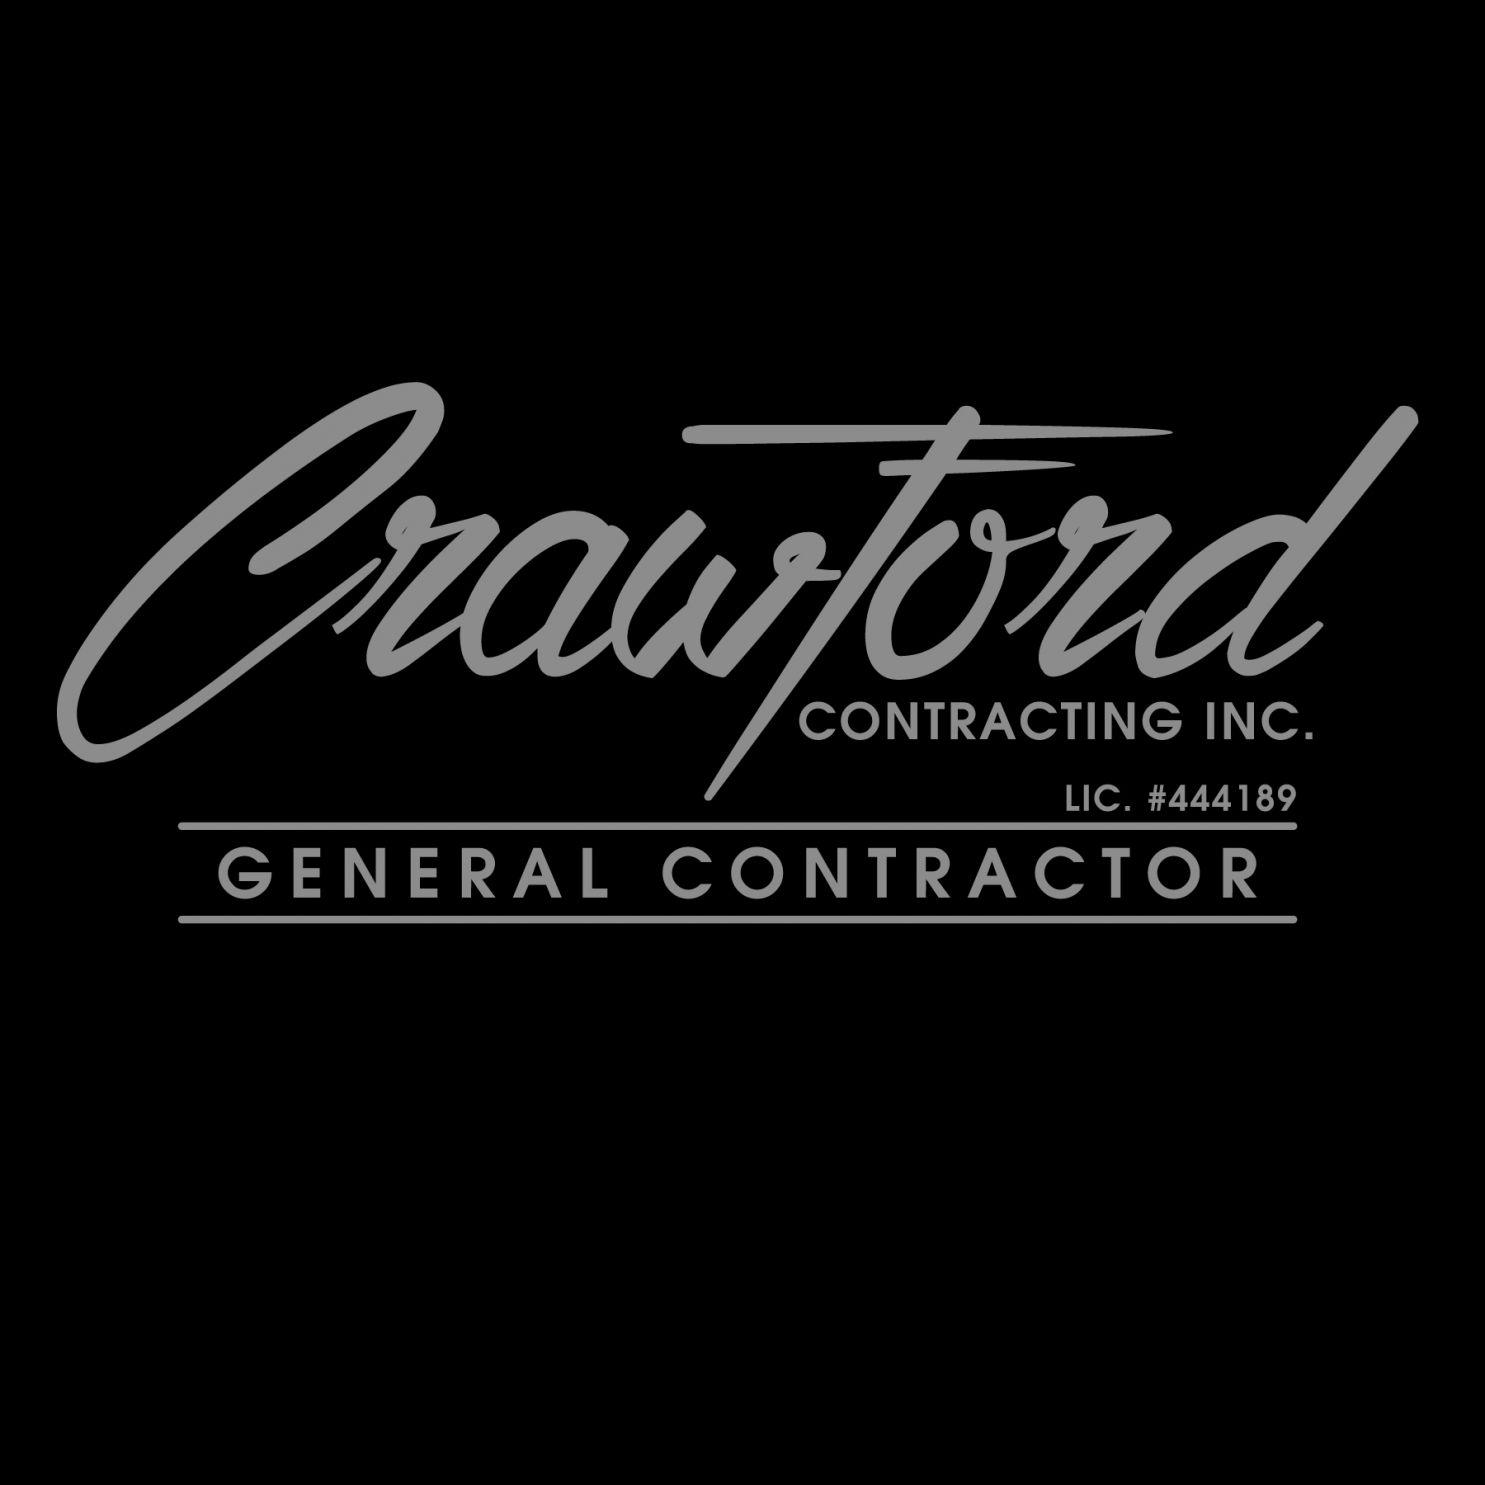 crawfordcontracting Logo